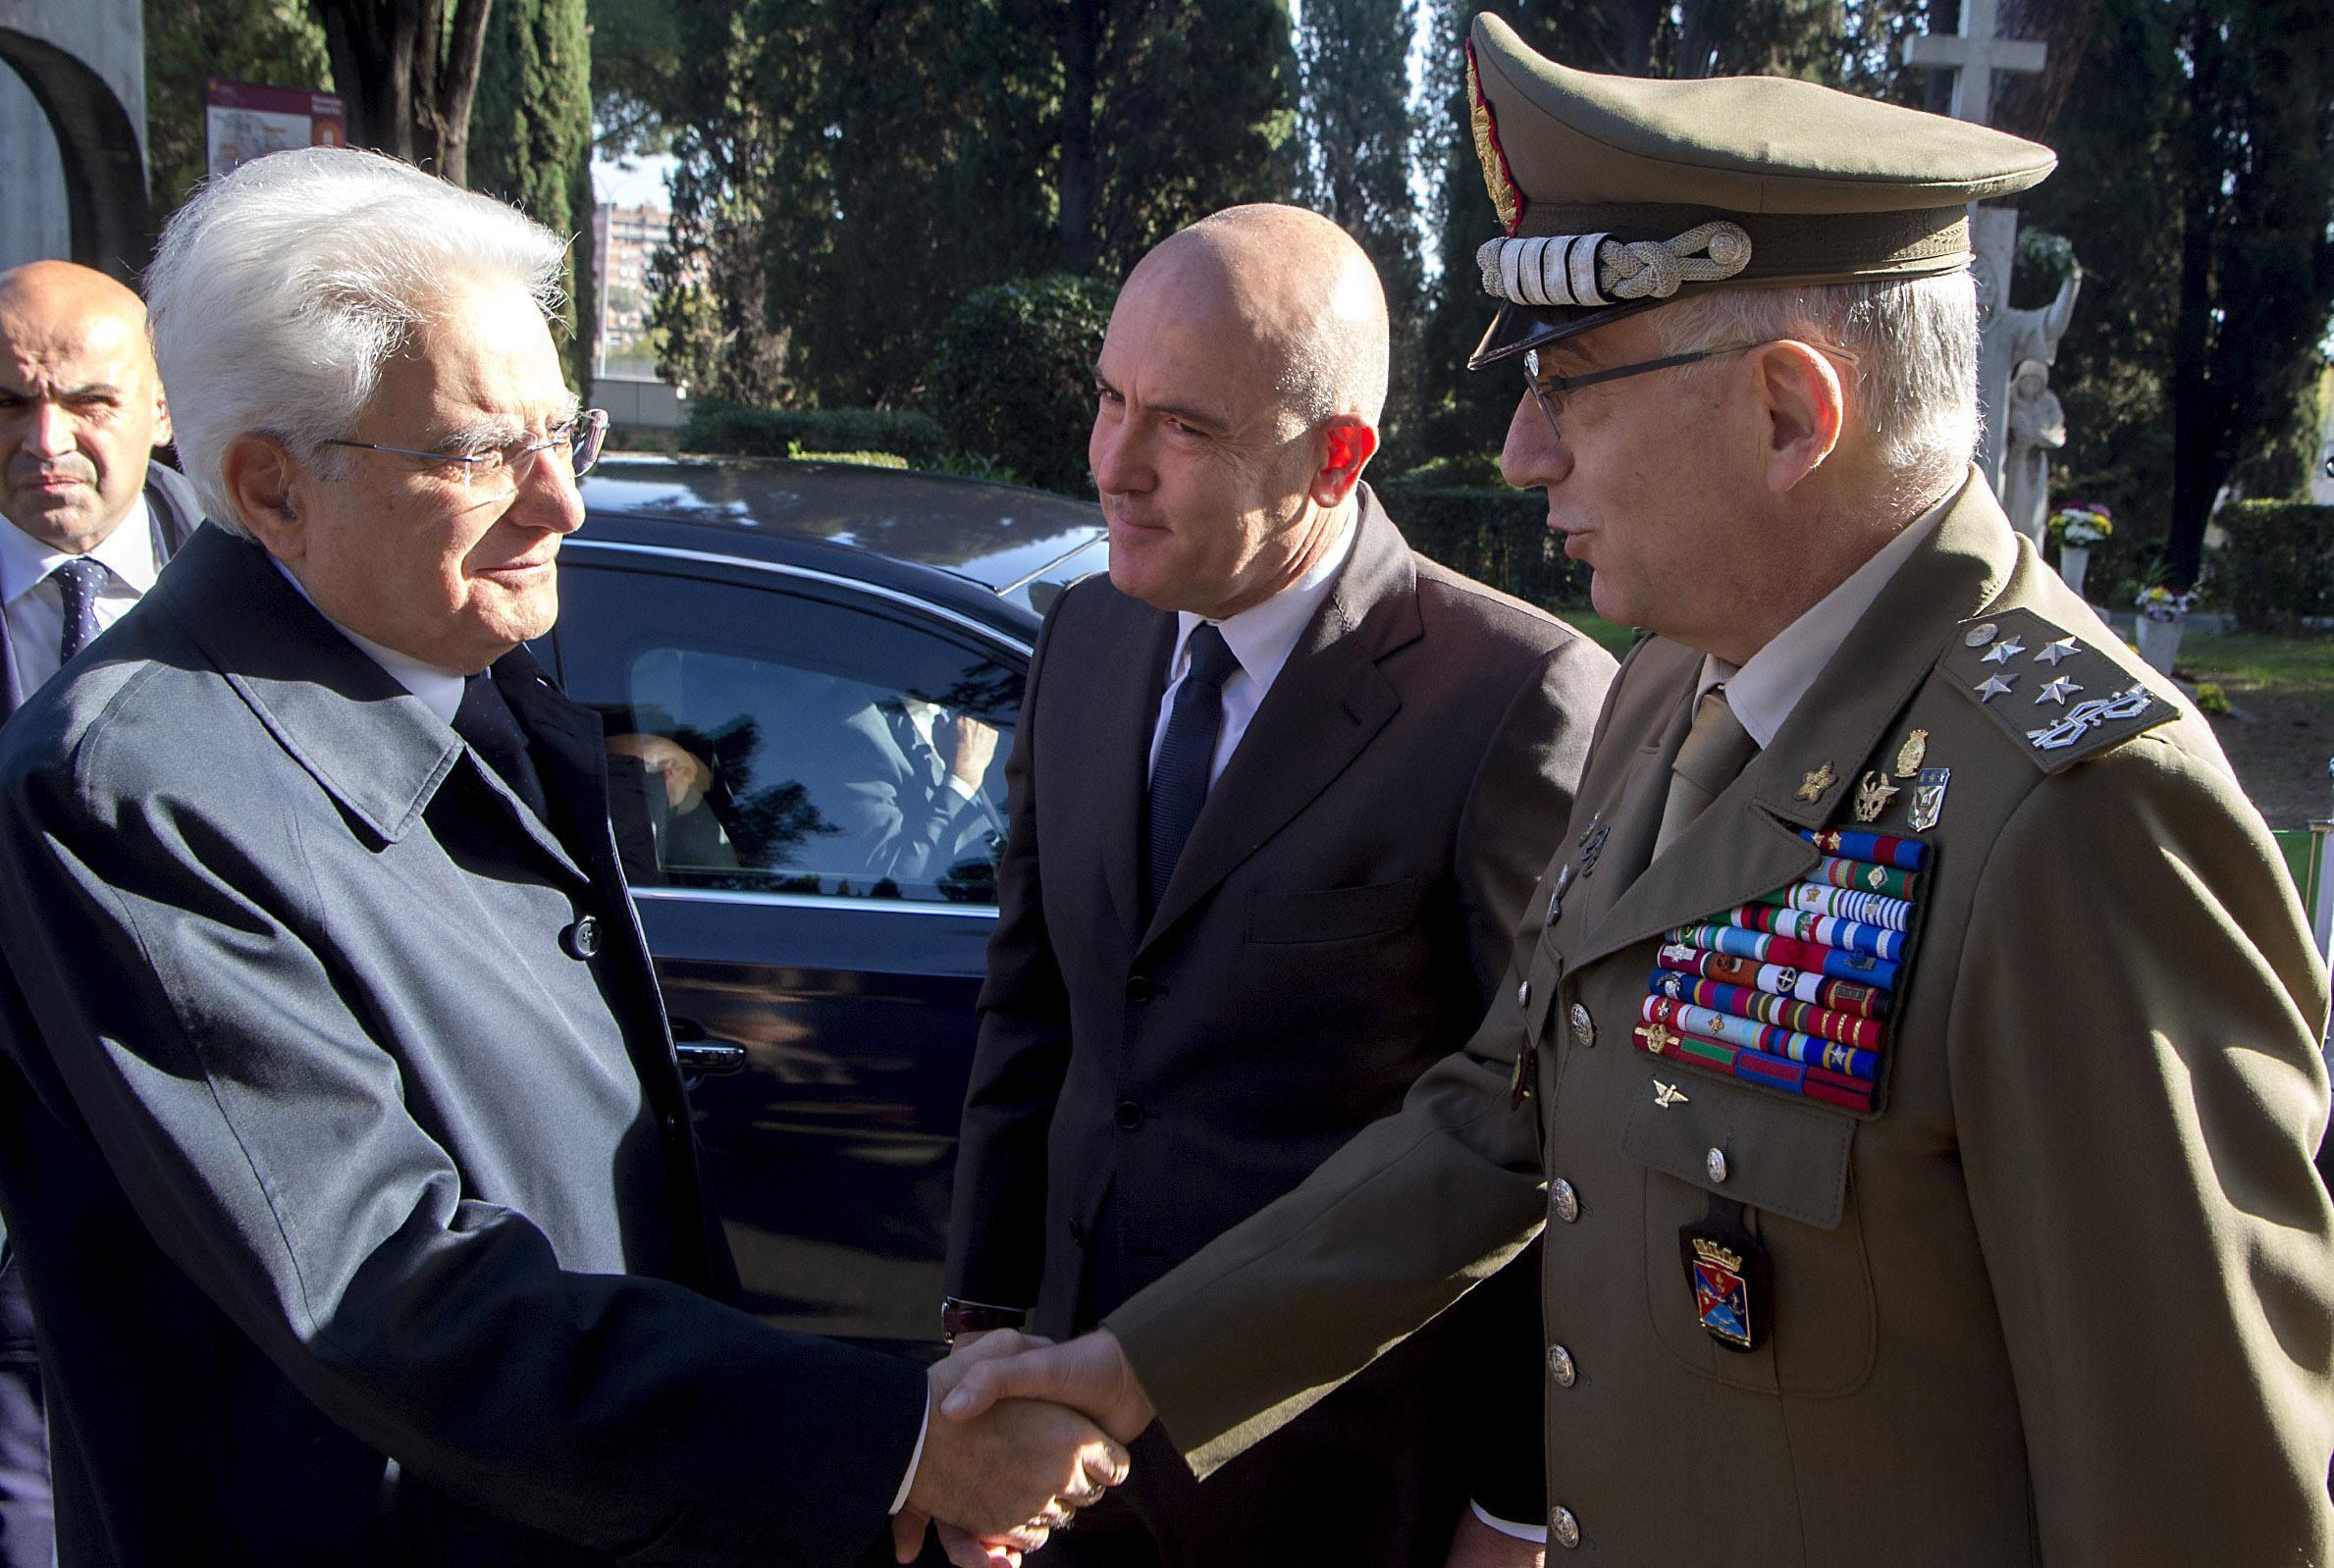 Graziano presidente Comitato militare Ue